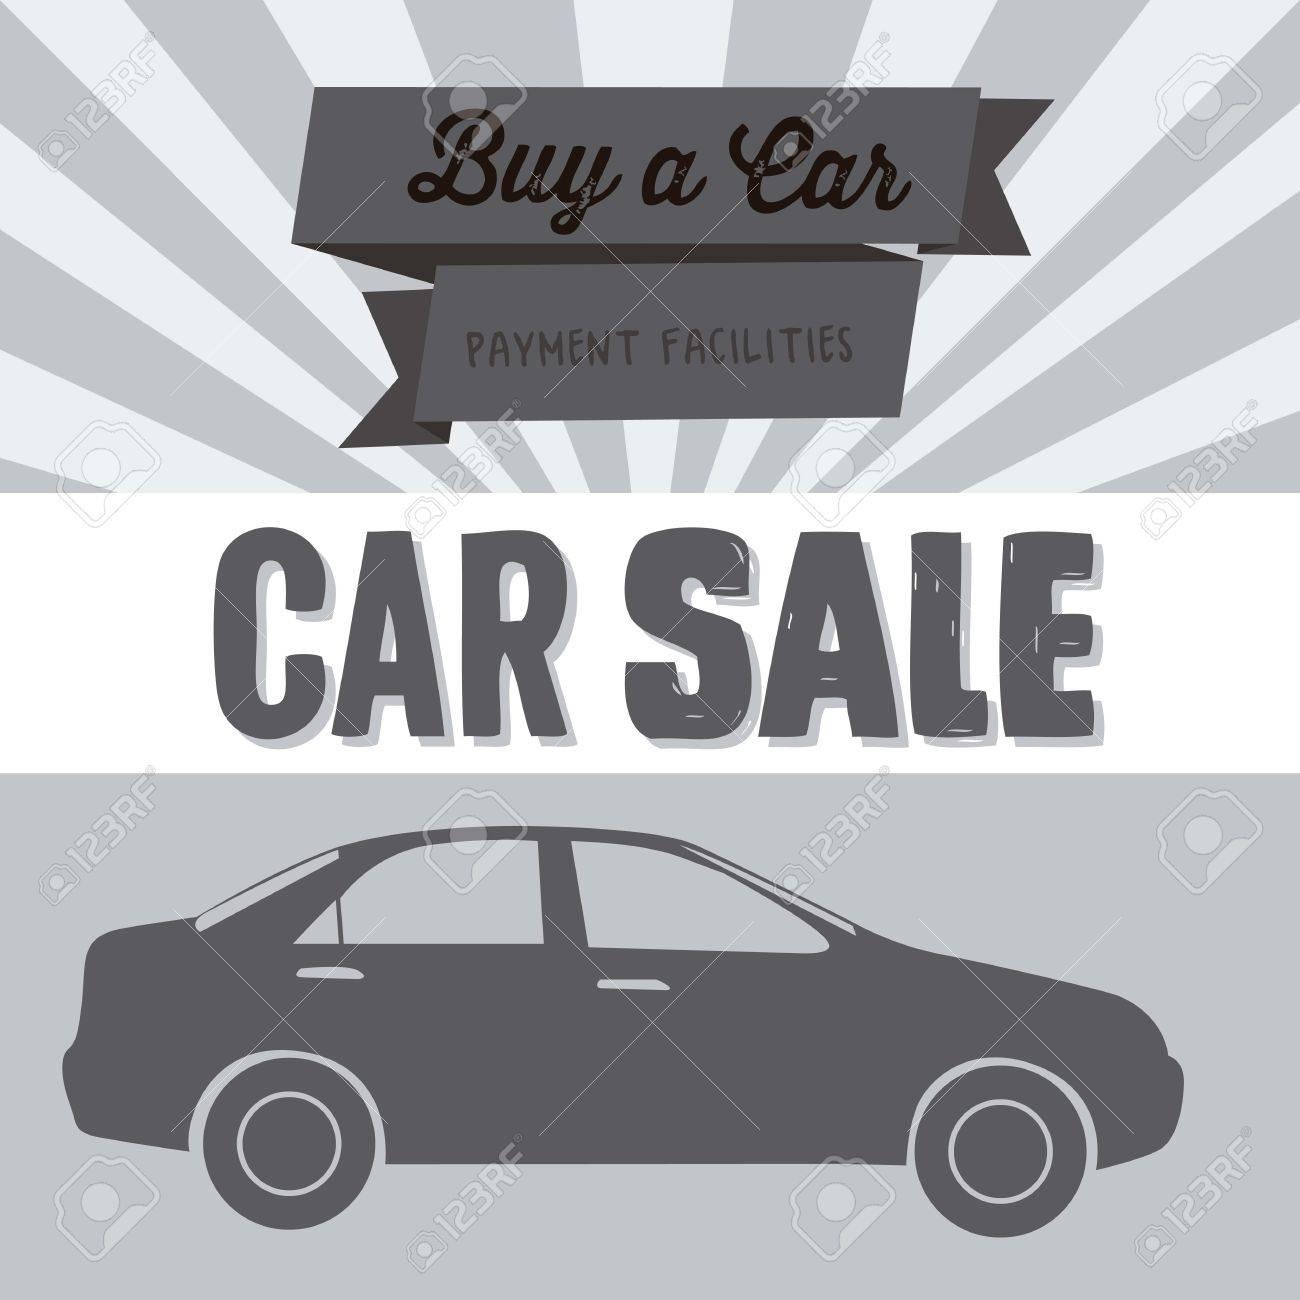 Illustration of buy a car label, car sale, vector illustration - 17614508